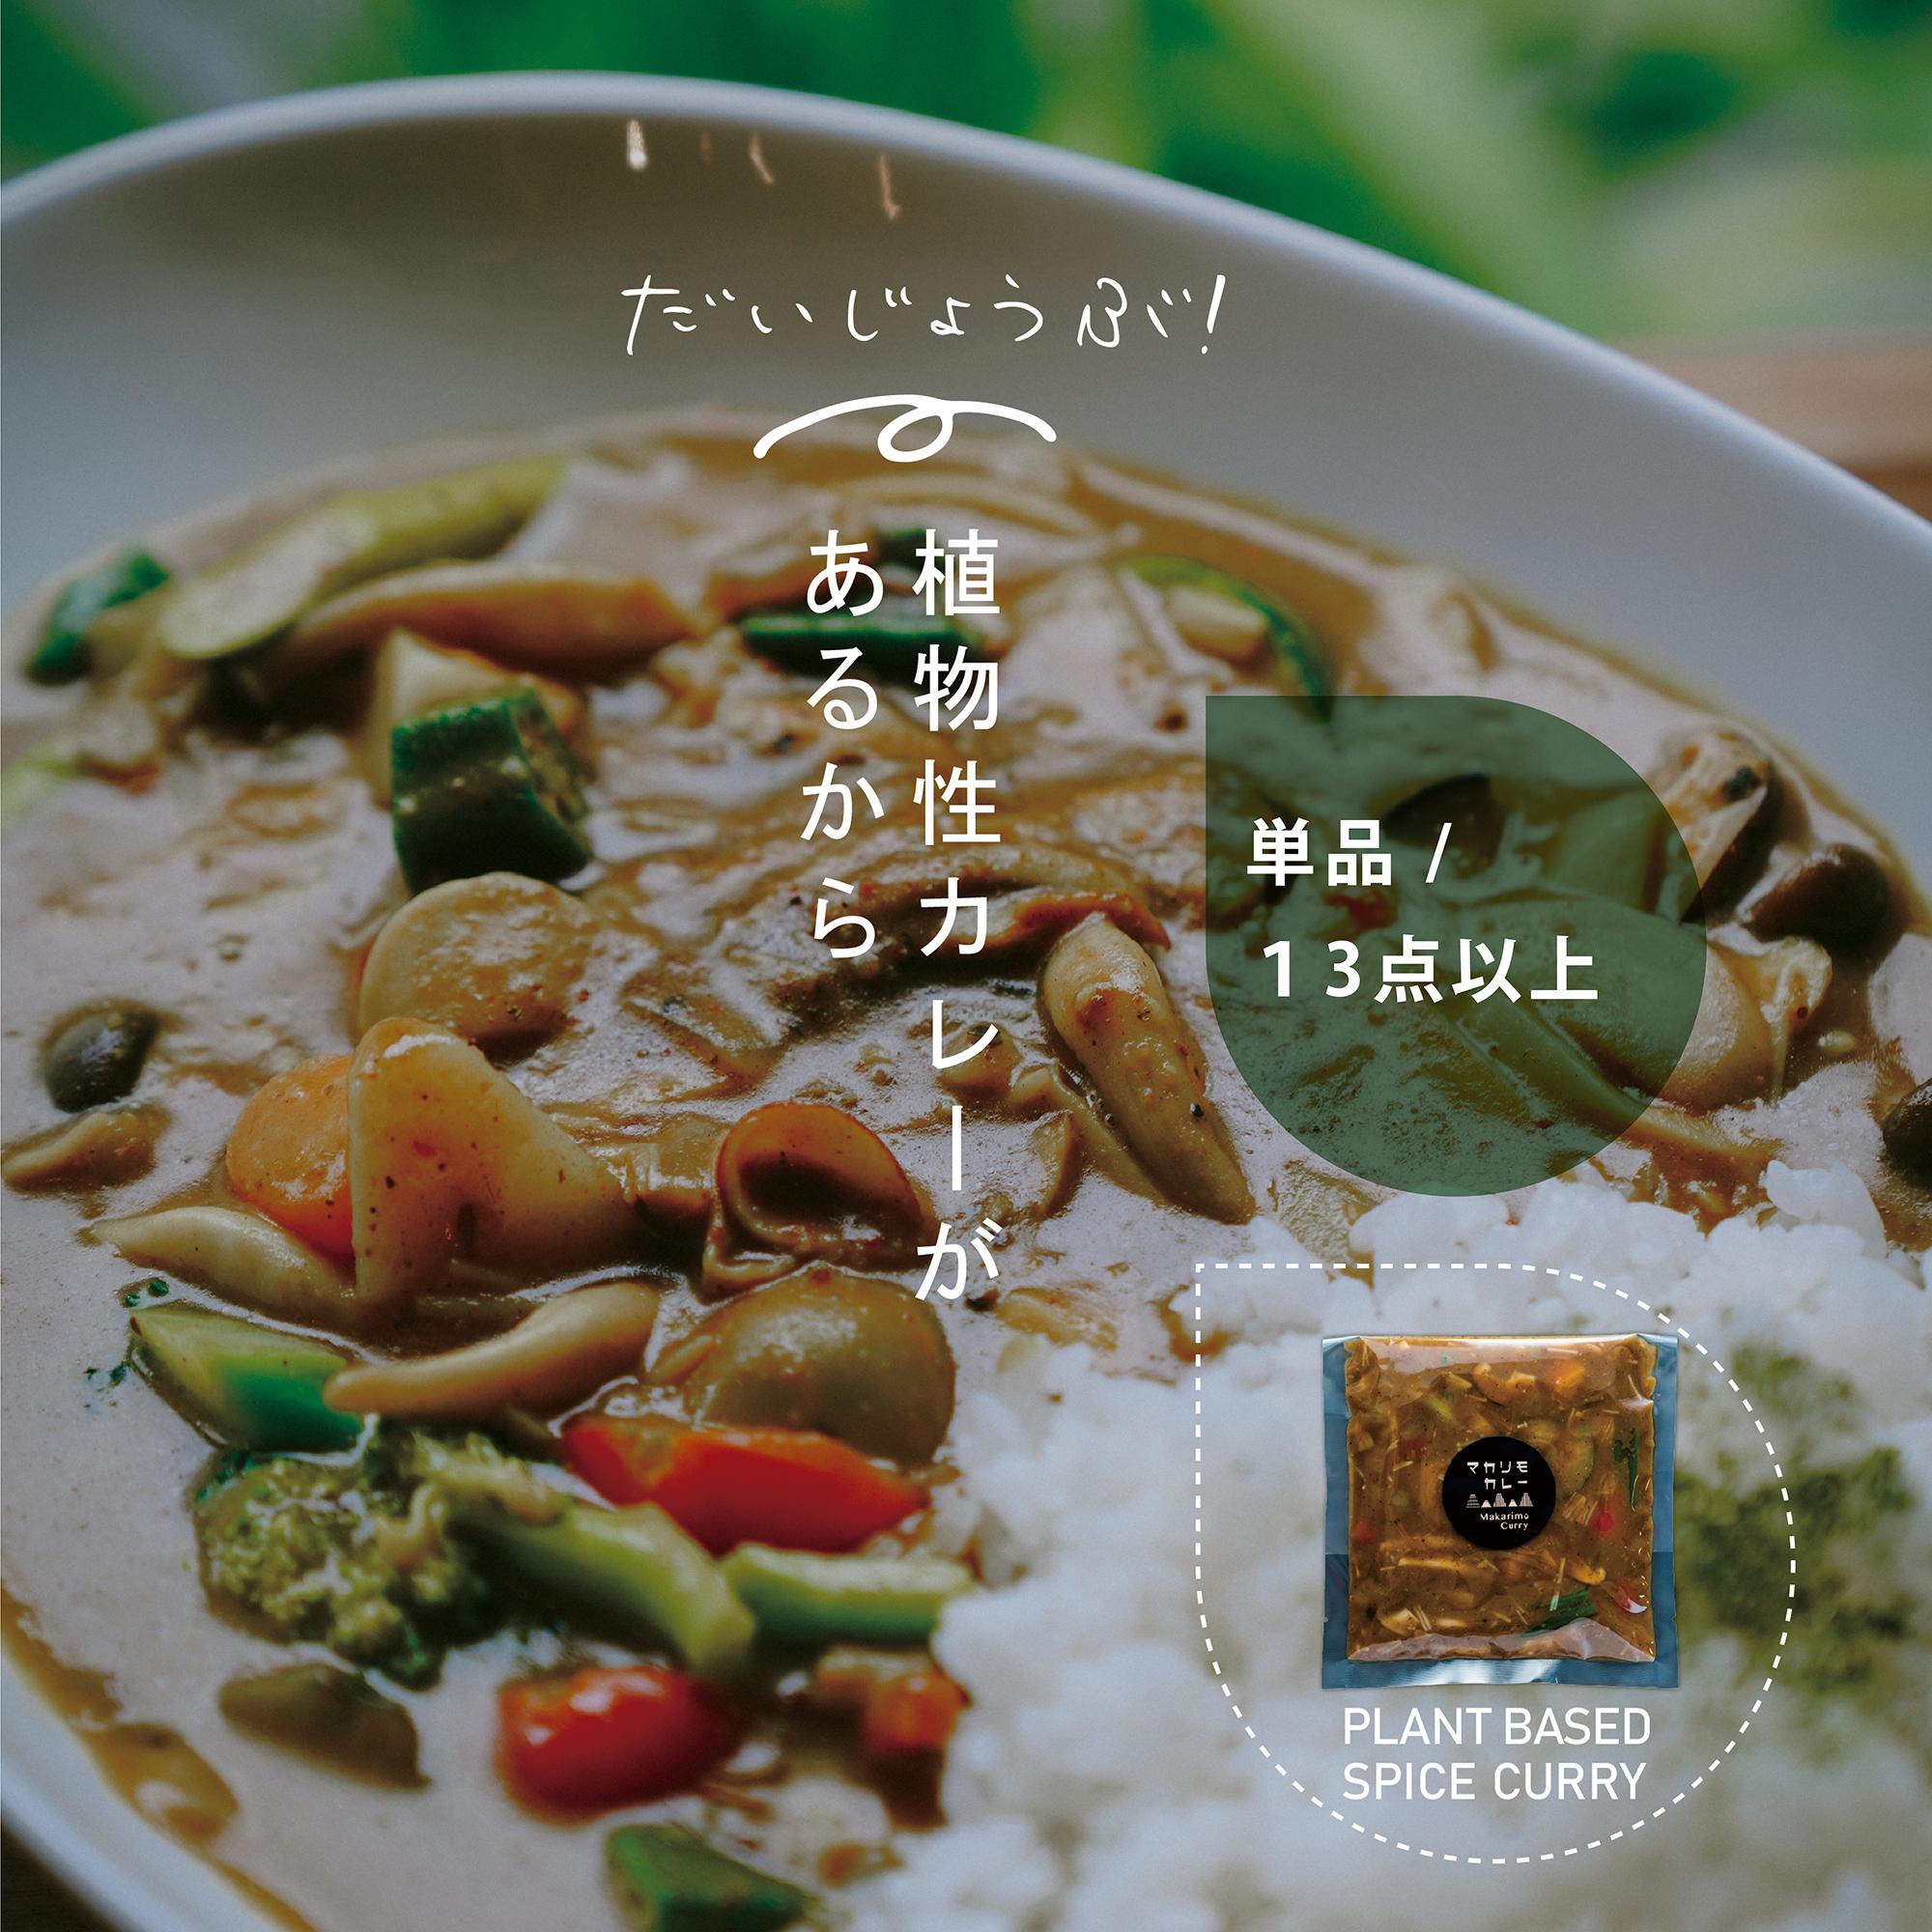 Frozen curry roux / More than 13 items (EN)